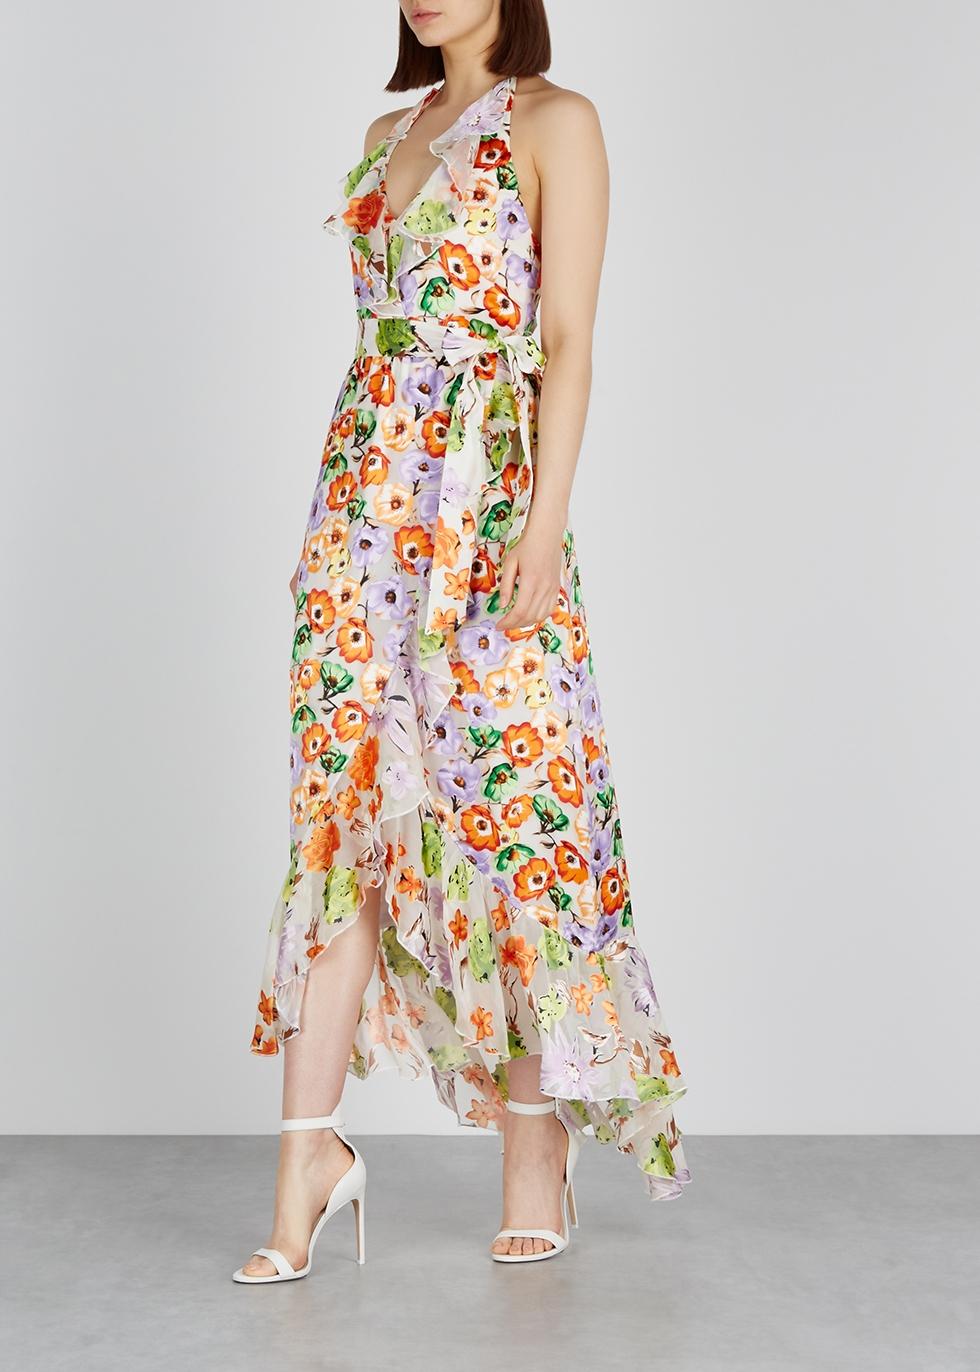 Evelia floral devoré maxi dress - Alice + Olivia